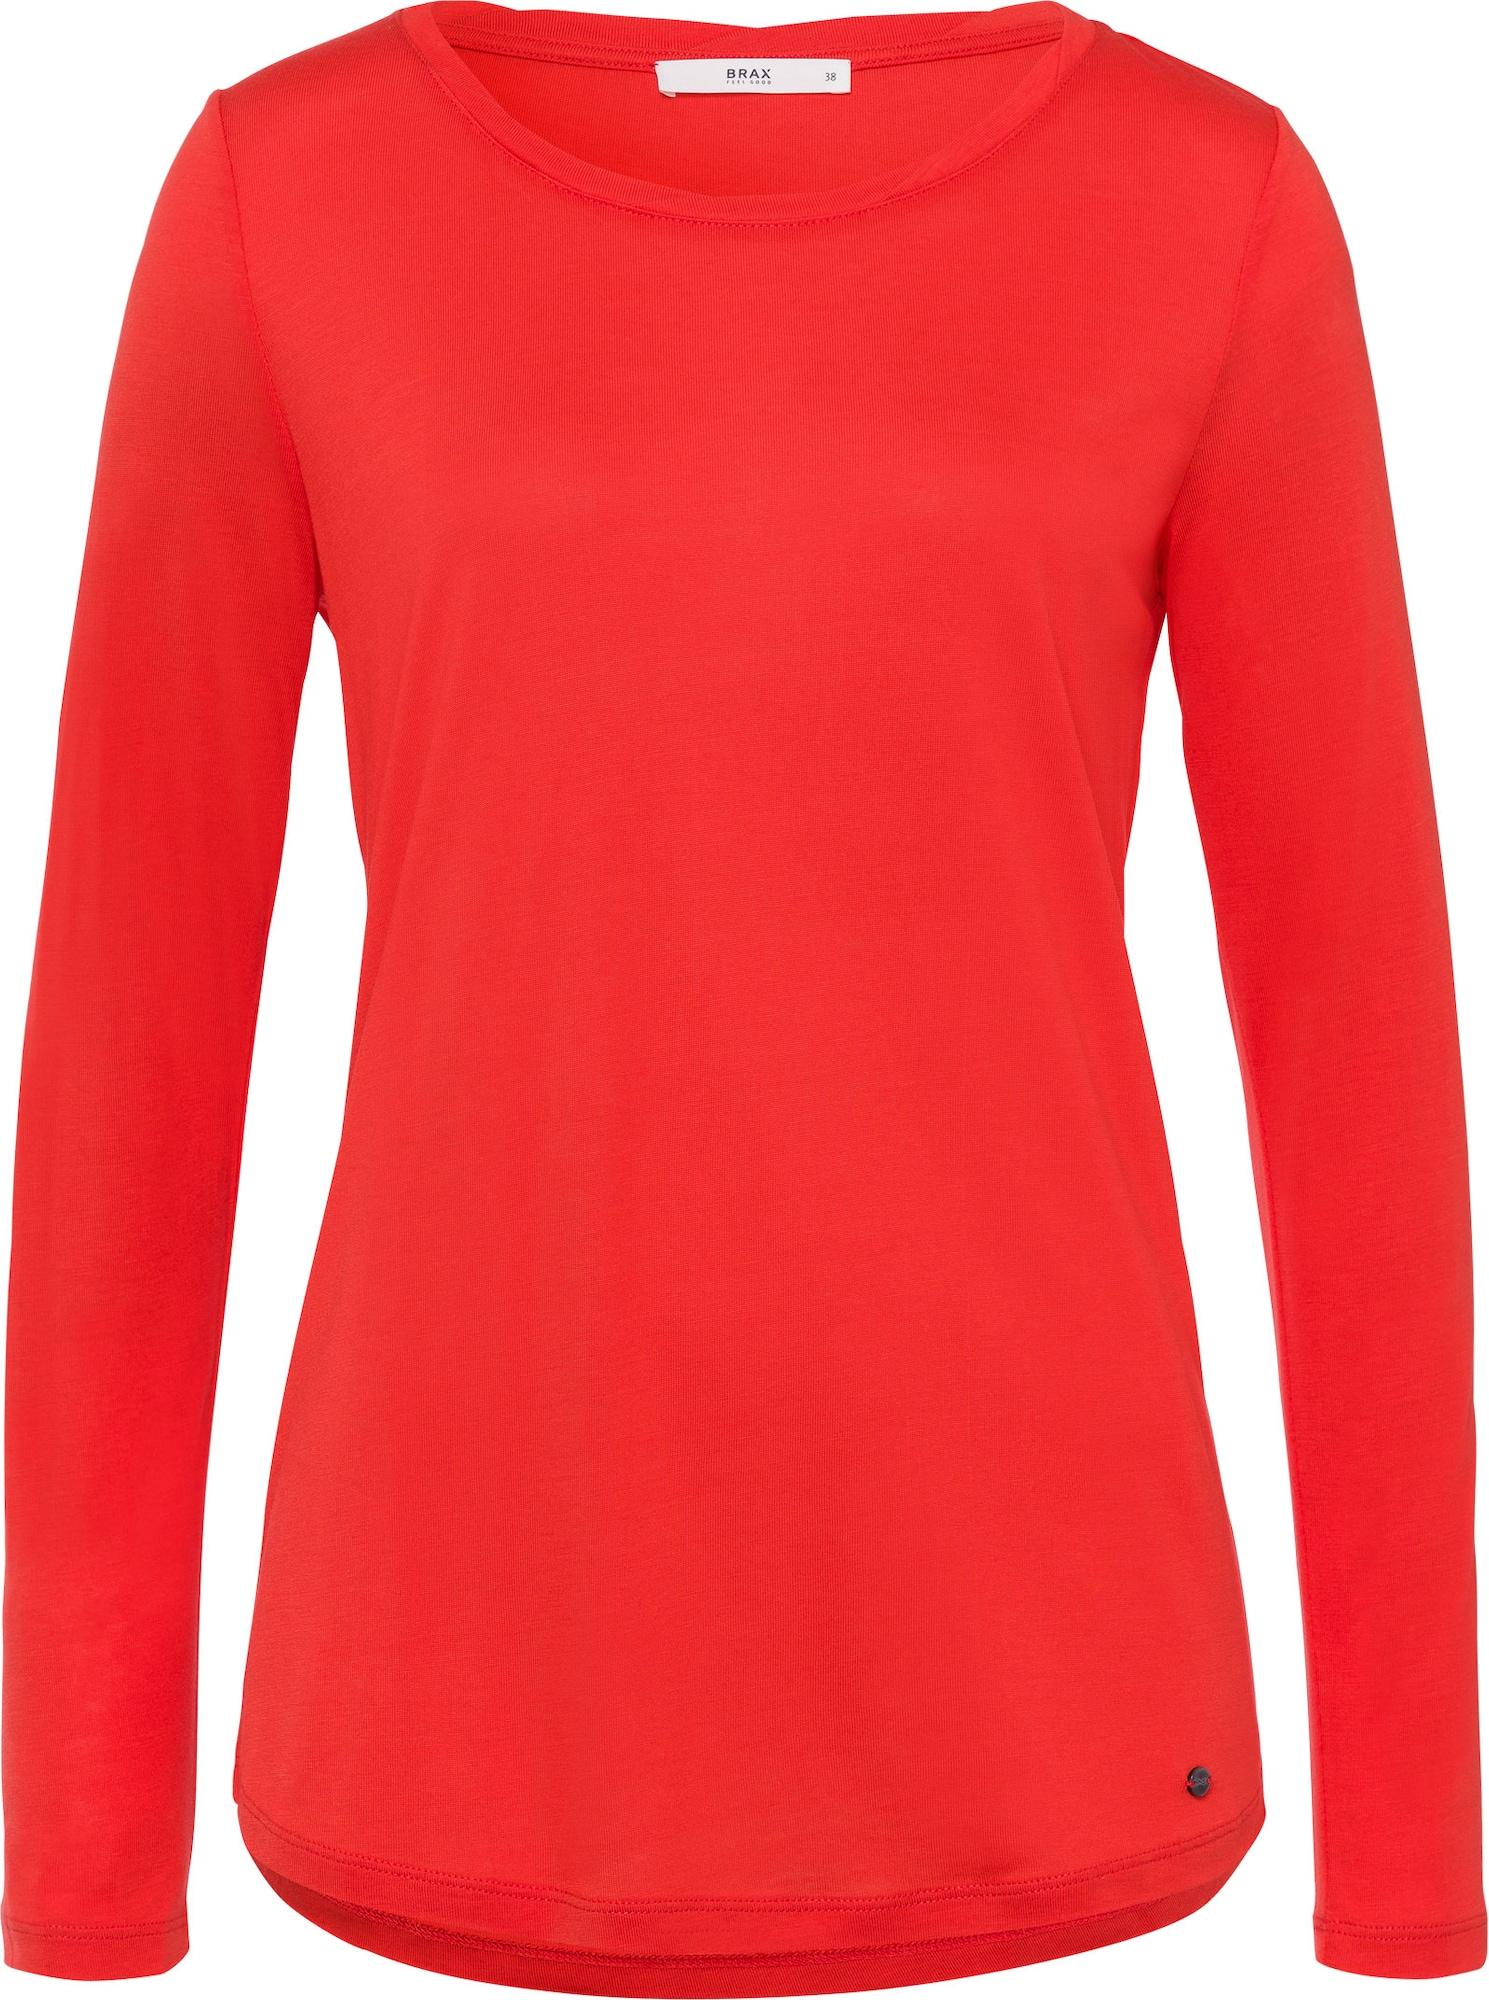 BRAX Marškinėliai 'Caren' šviesiai raudona